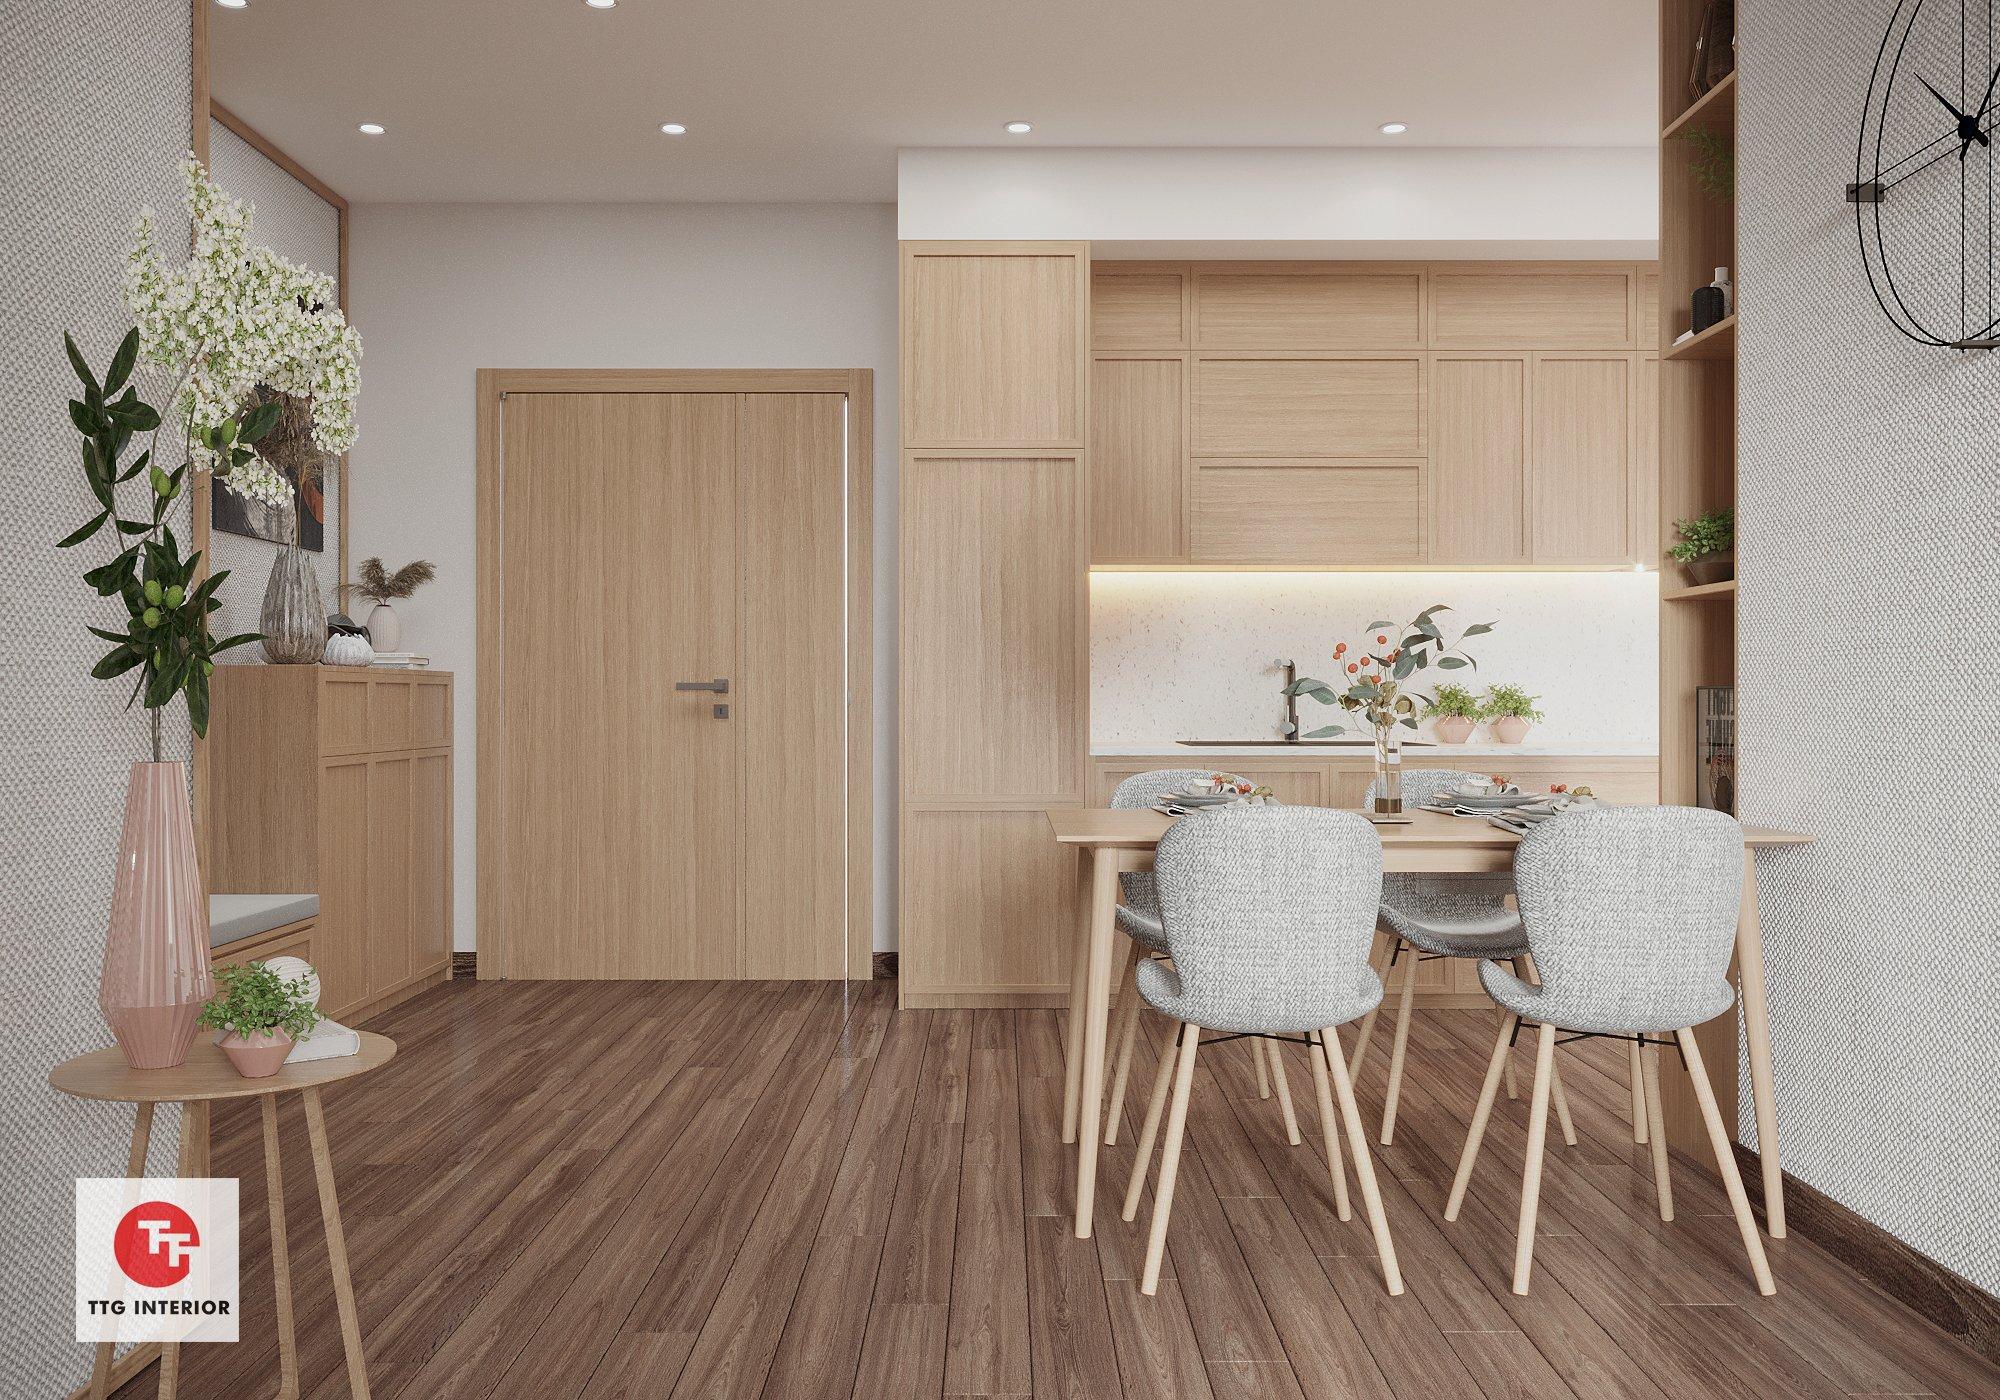 Phòng bếp ăn với giải pháp đồng bộ từ gỗ công nghiệp An Cường